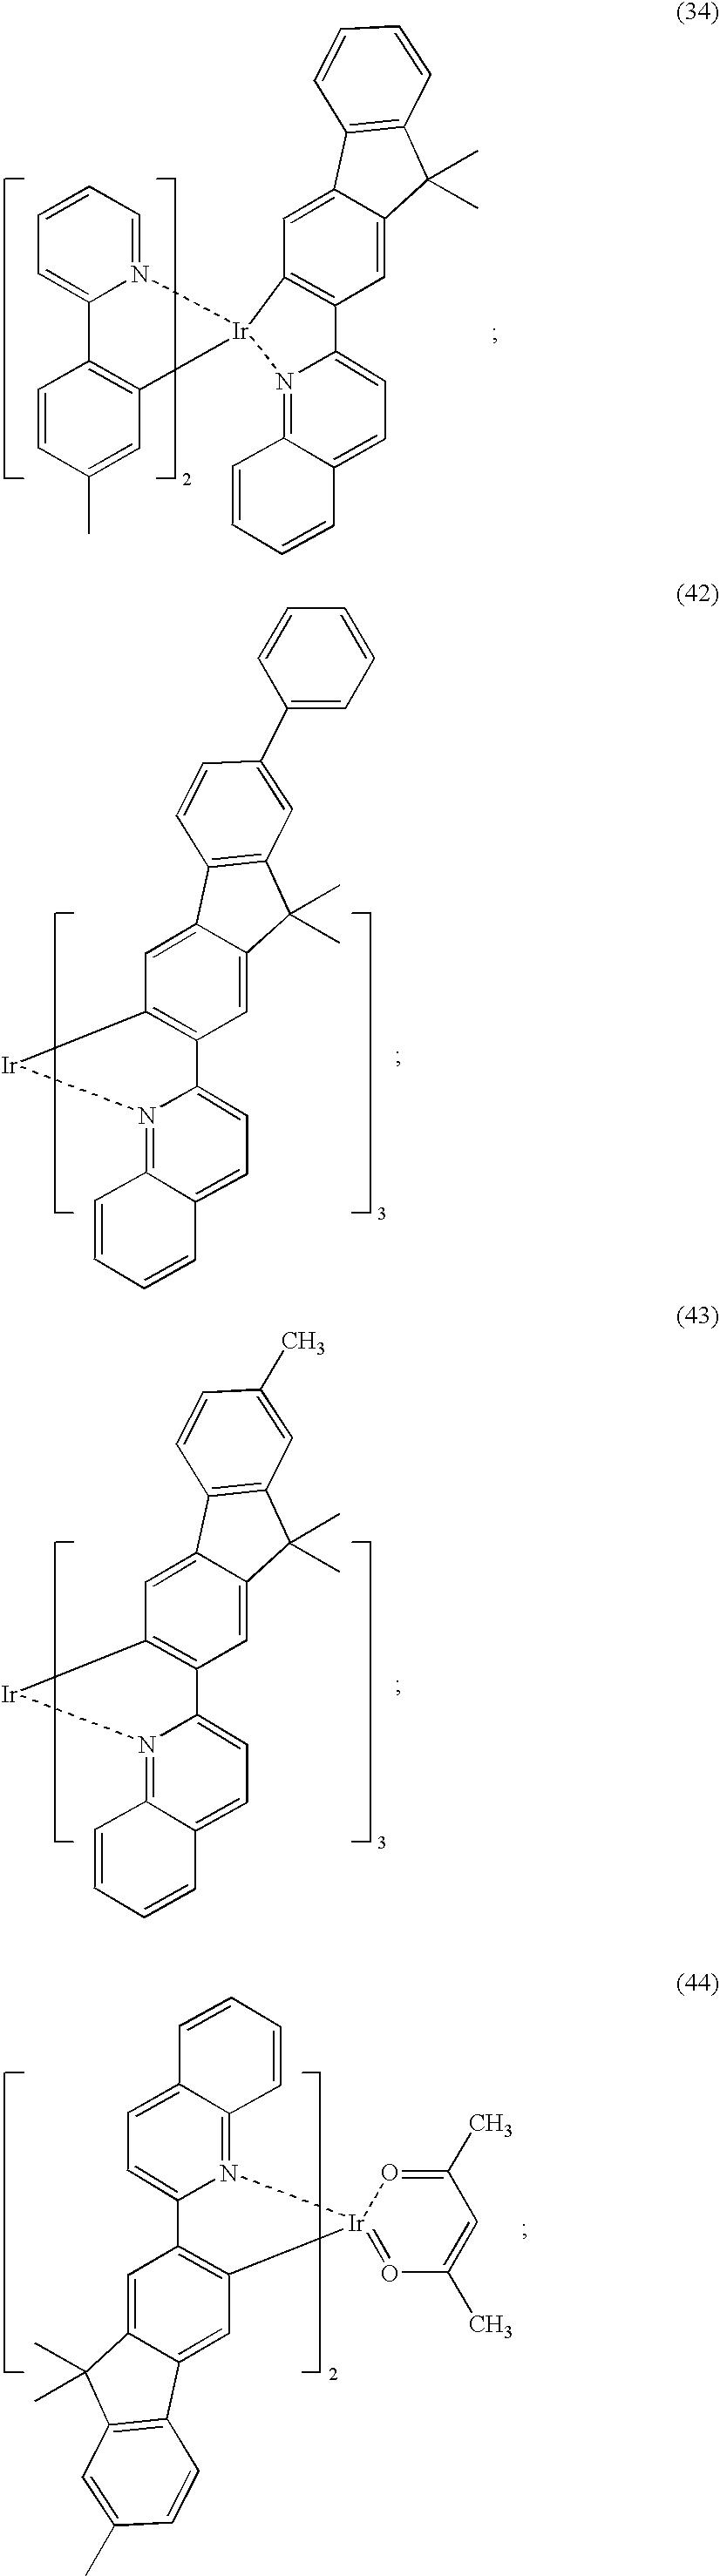 Figure US06953628-20051011-C00022